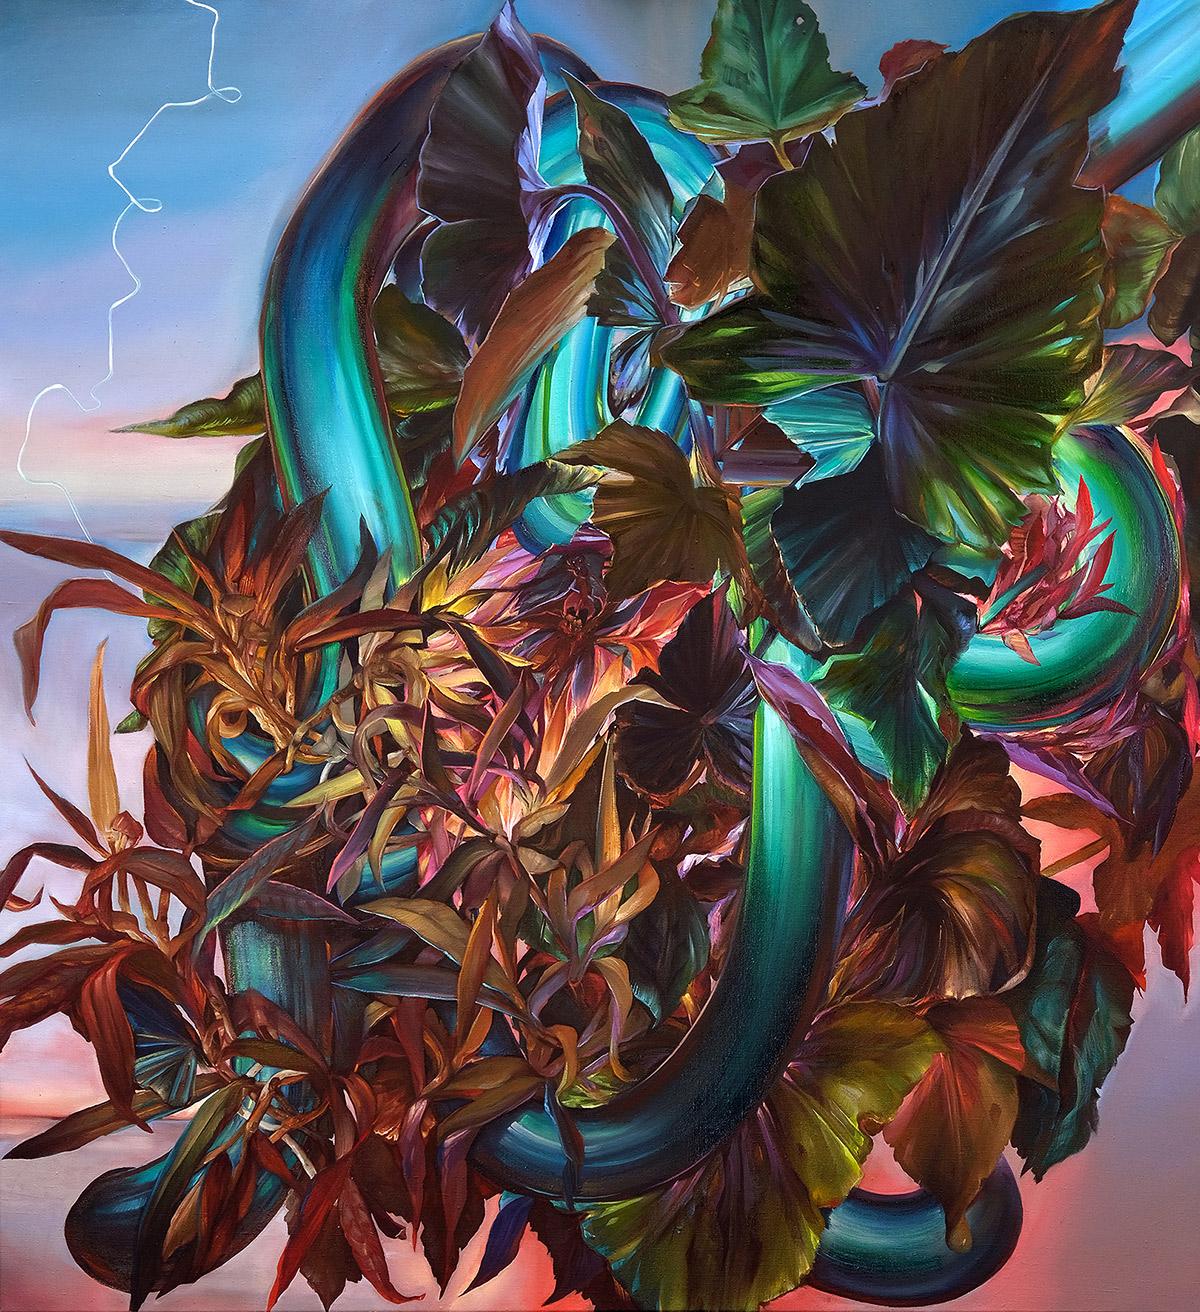 艺术家Karla Marchesi 强烈而丰富多彩的绘画作品欣赏